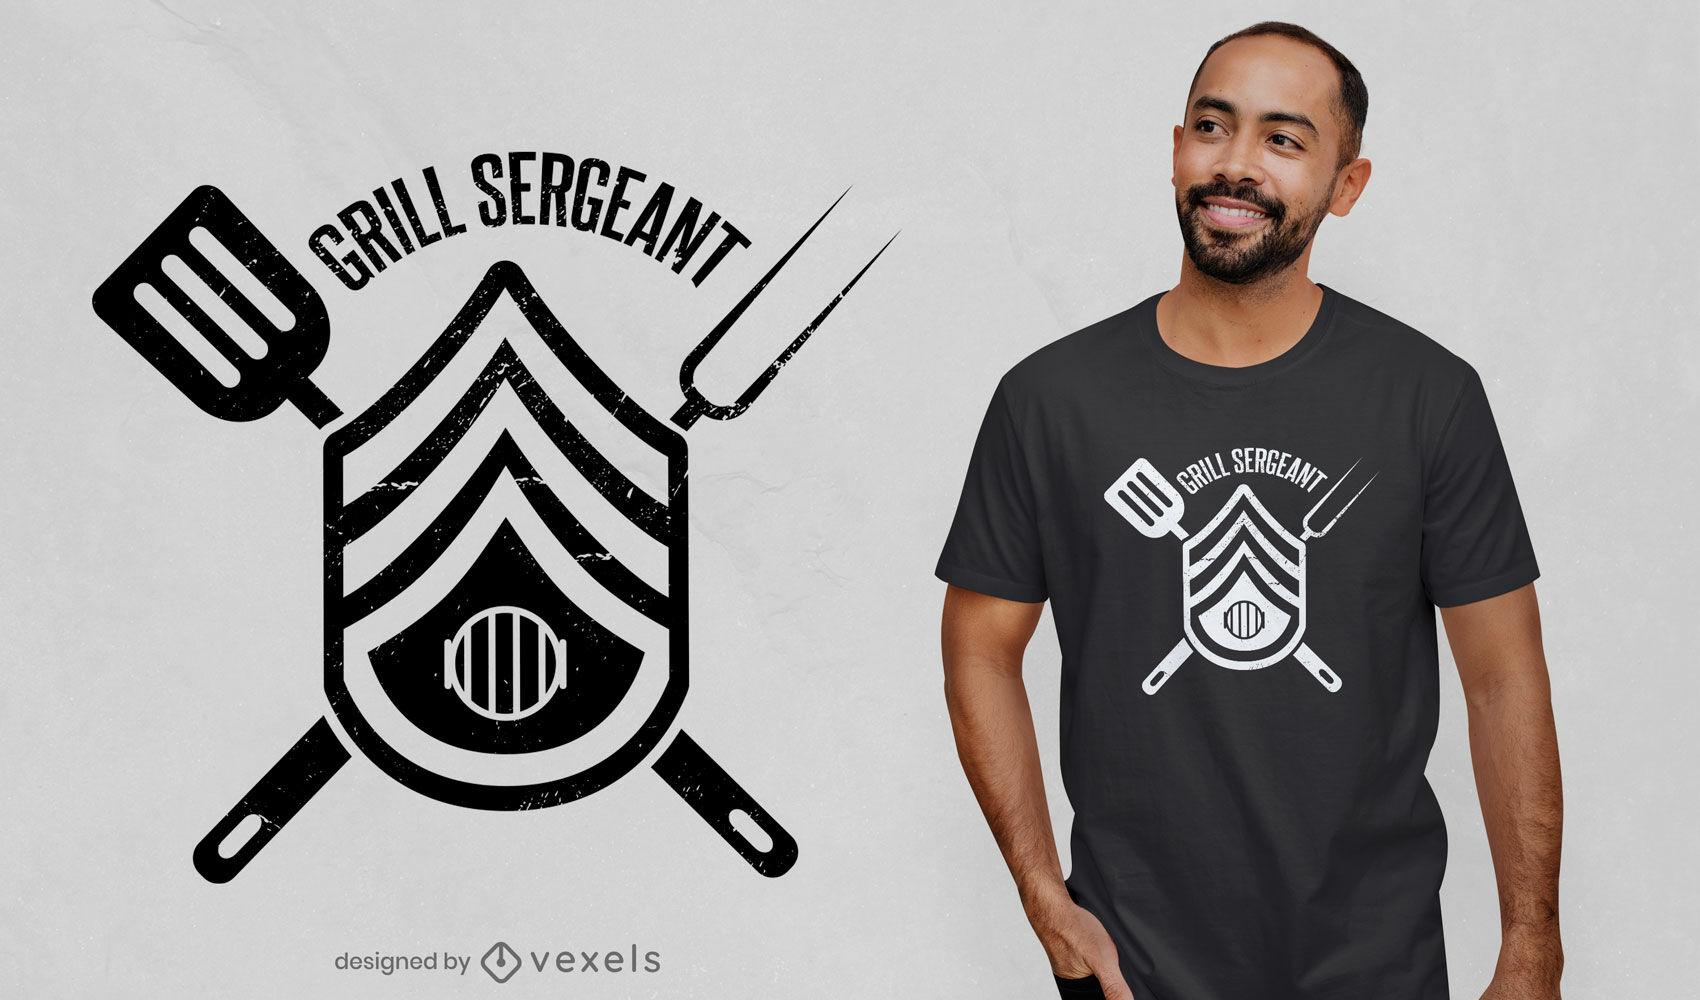 Grill BBQ Sergeant Abzeichen T-Shirt Design